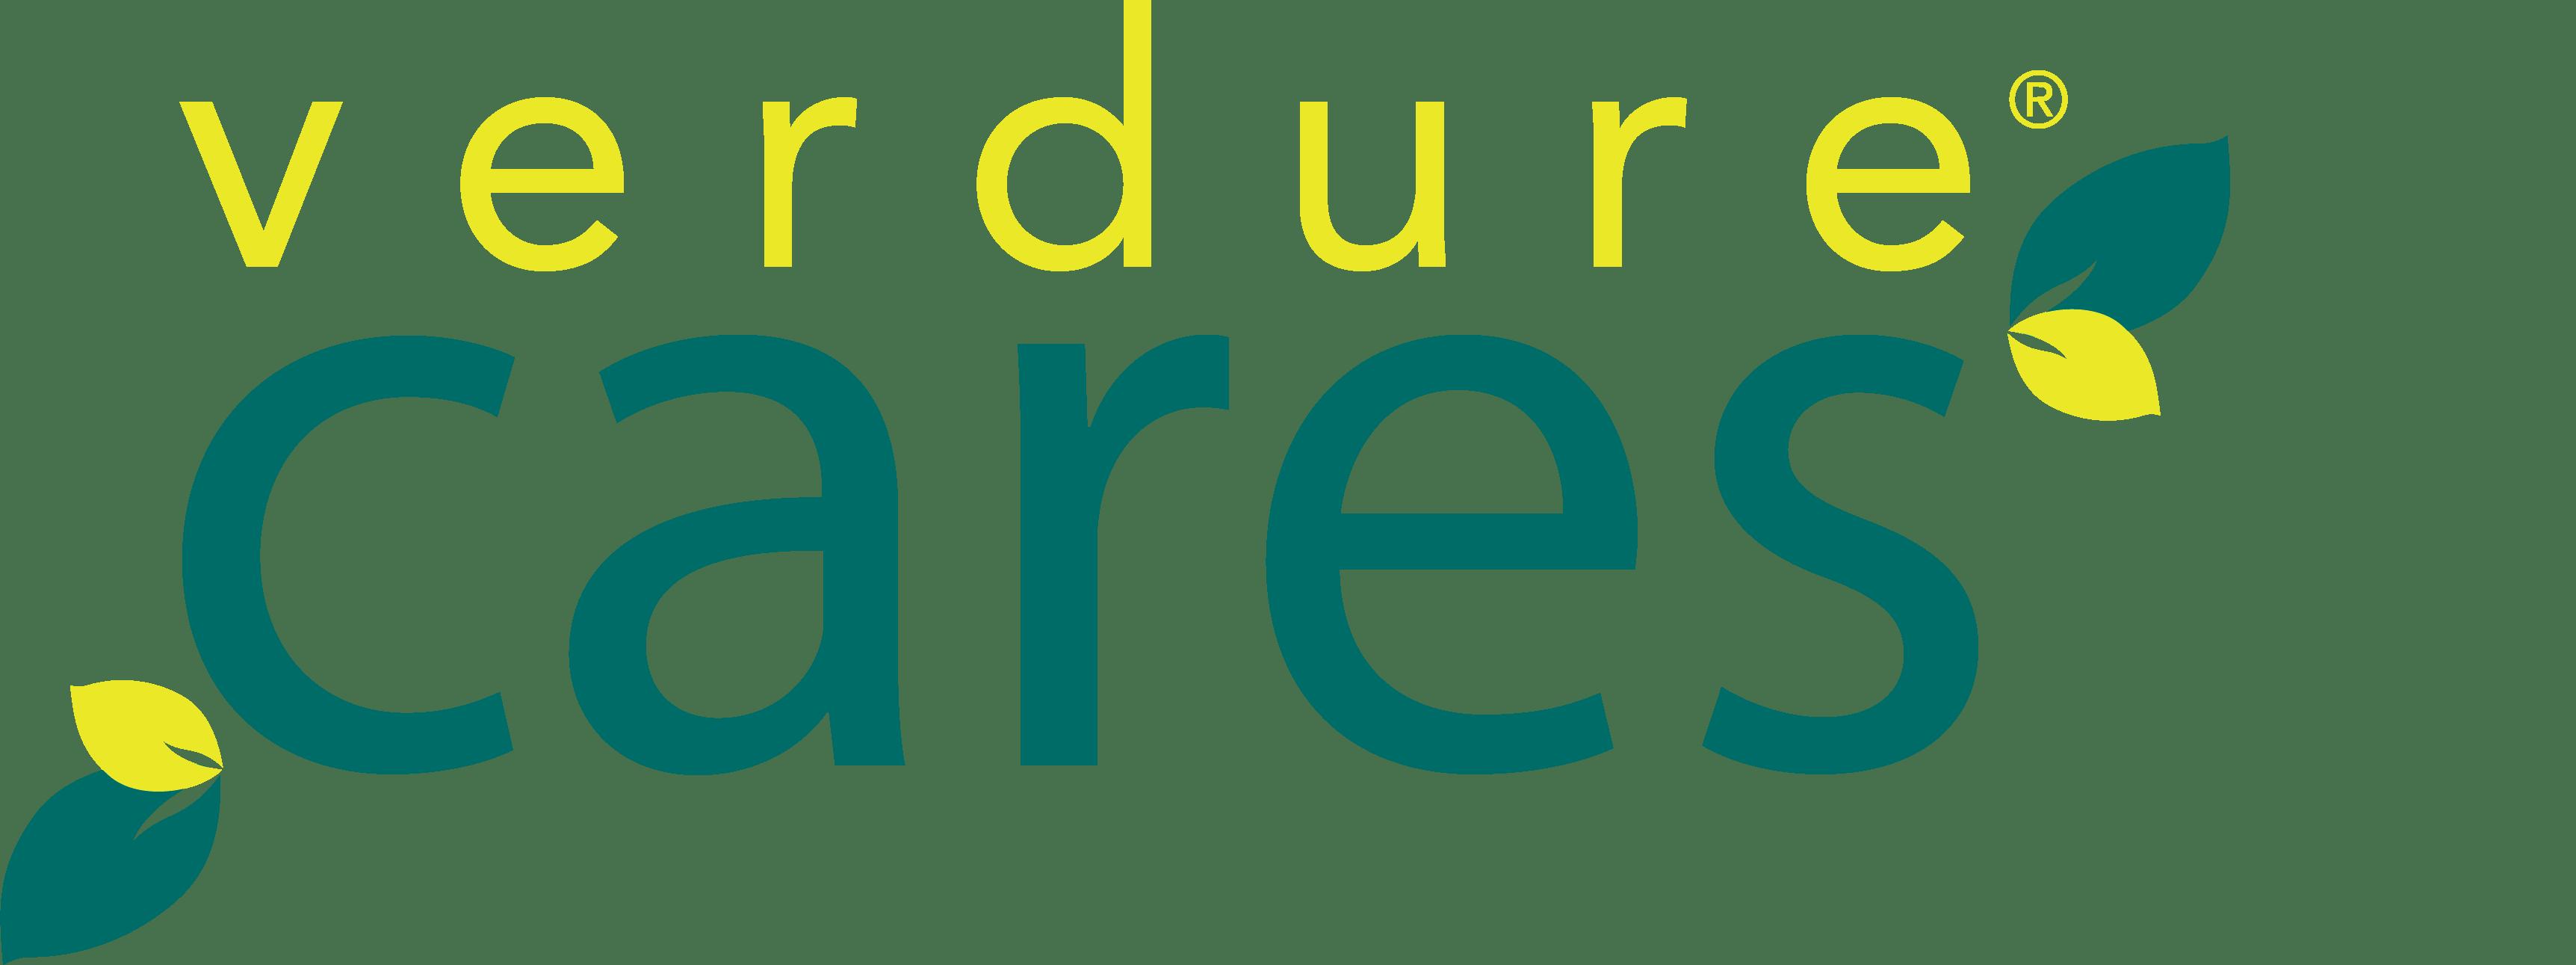 VSCares+logo